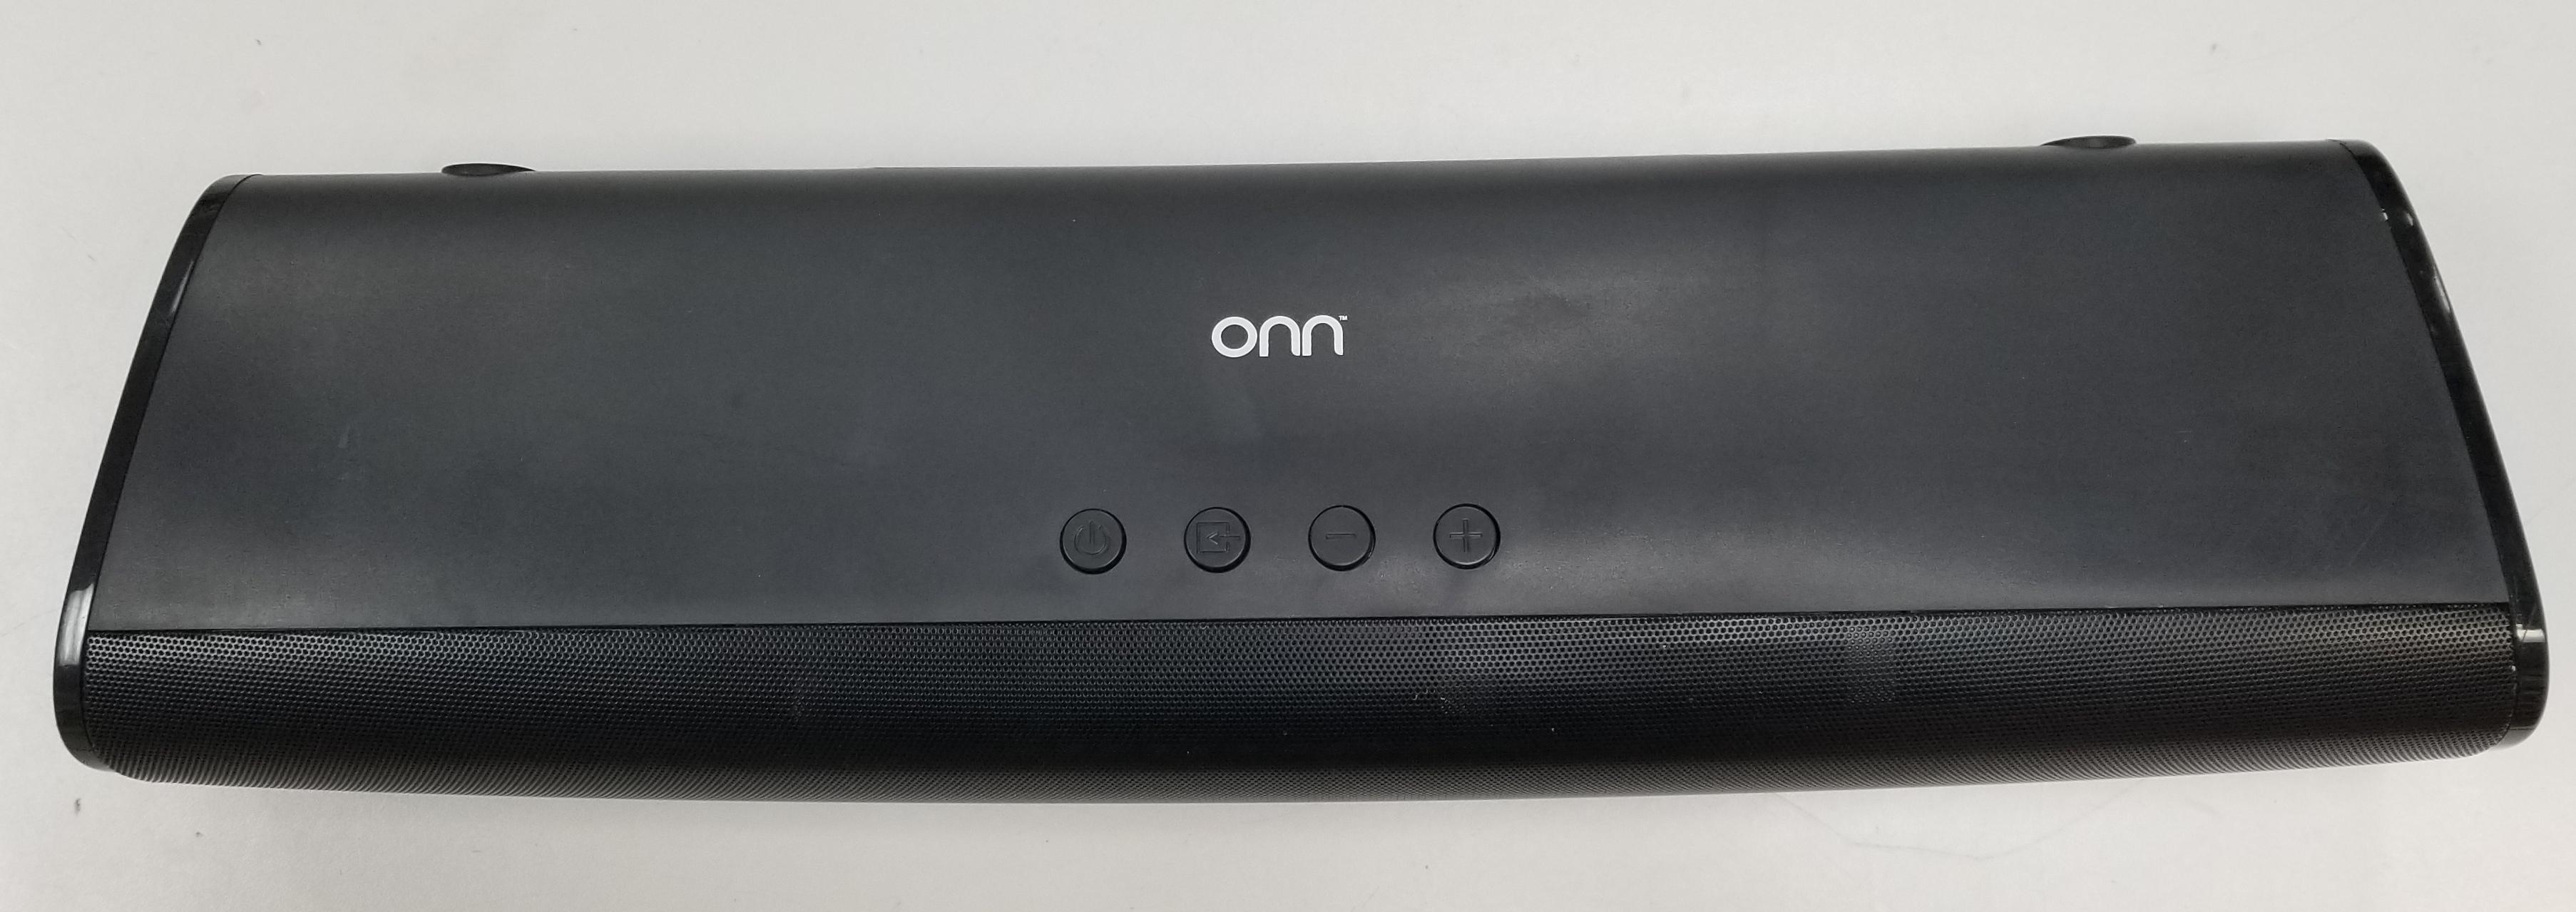 ONN  ONA18SB001  SPEAKER